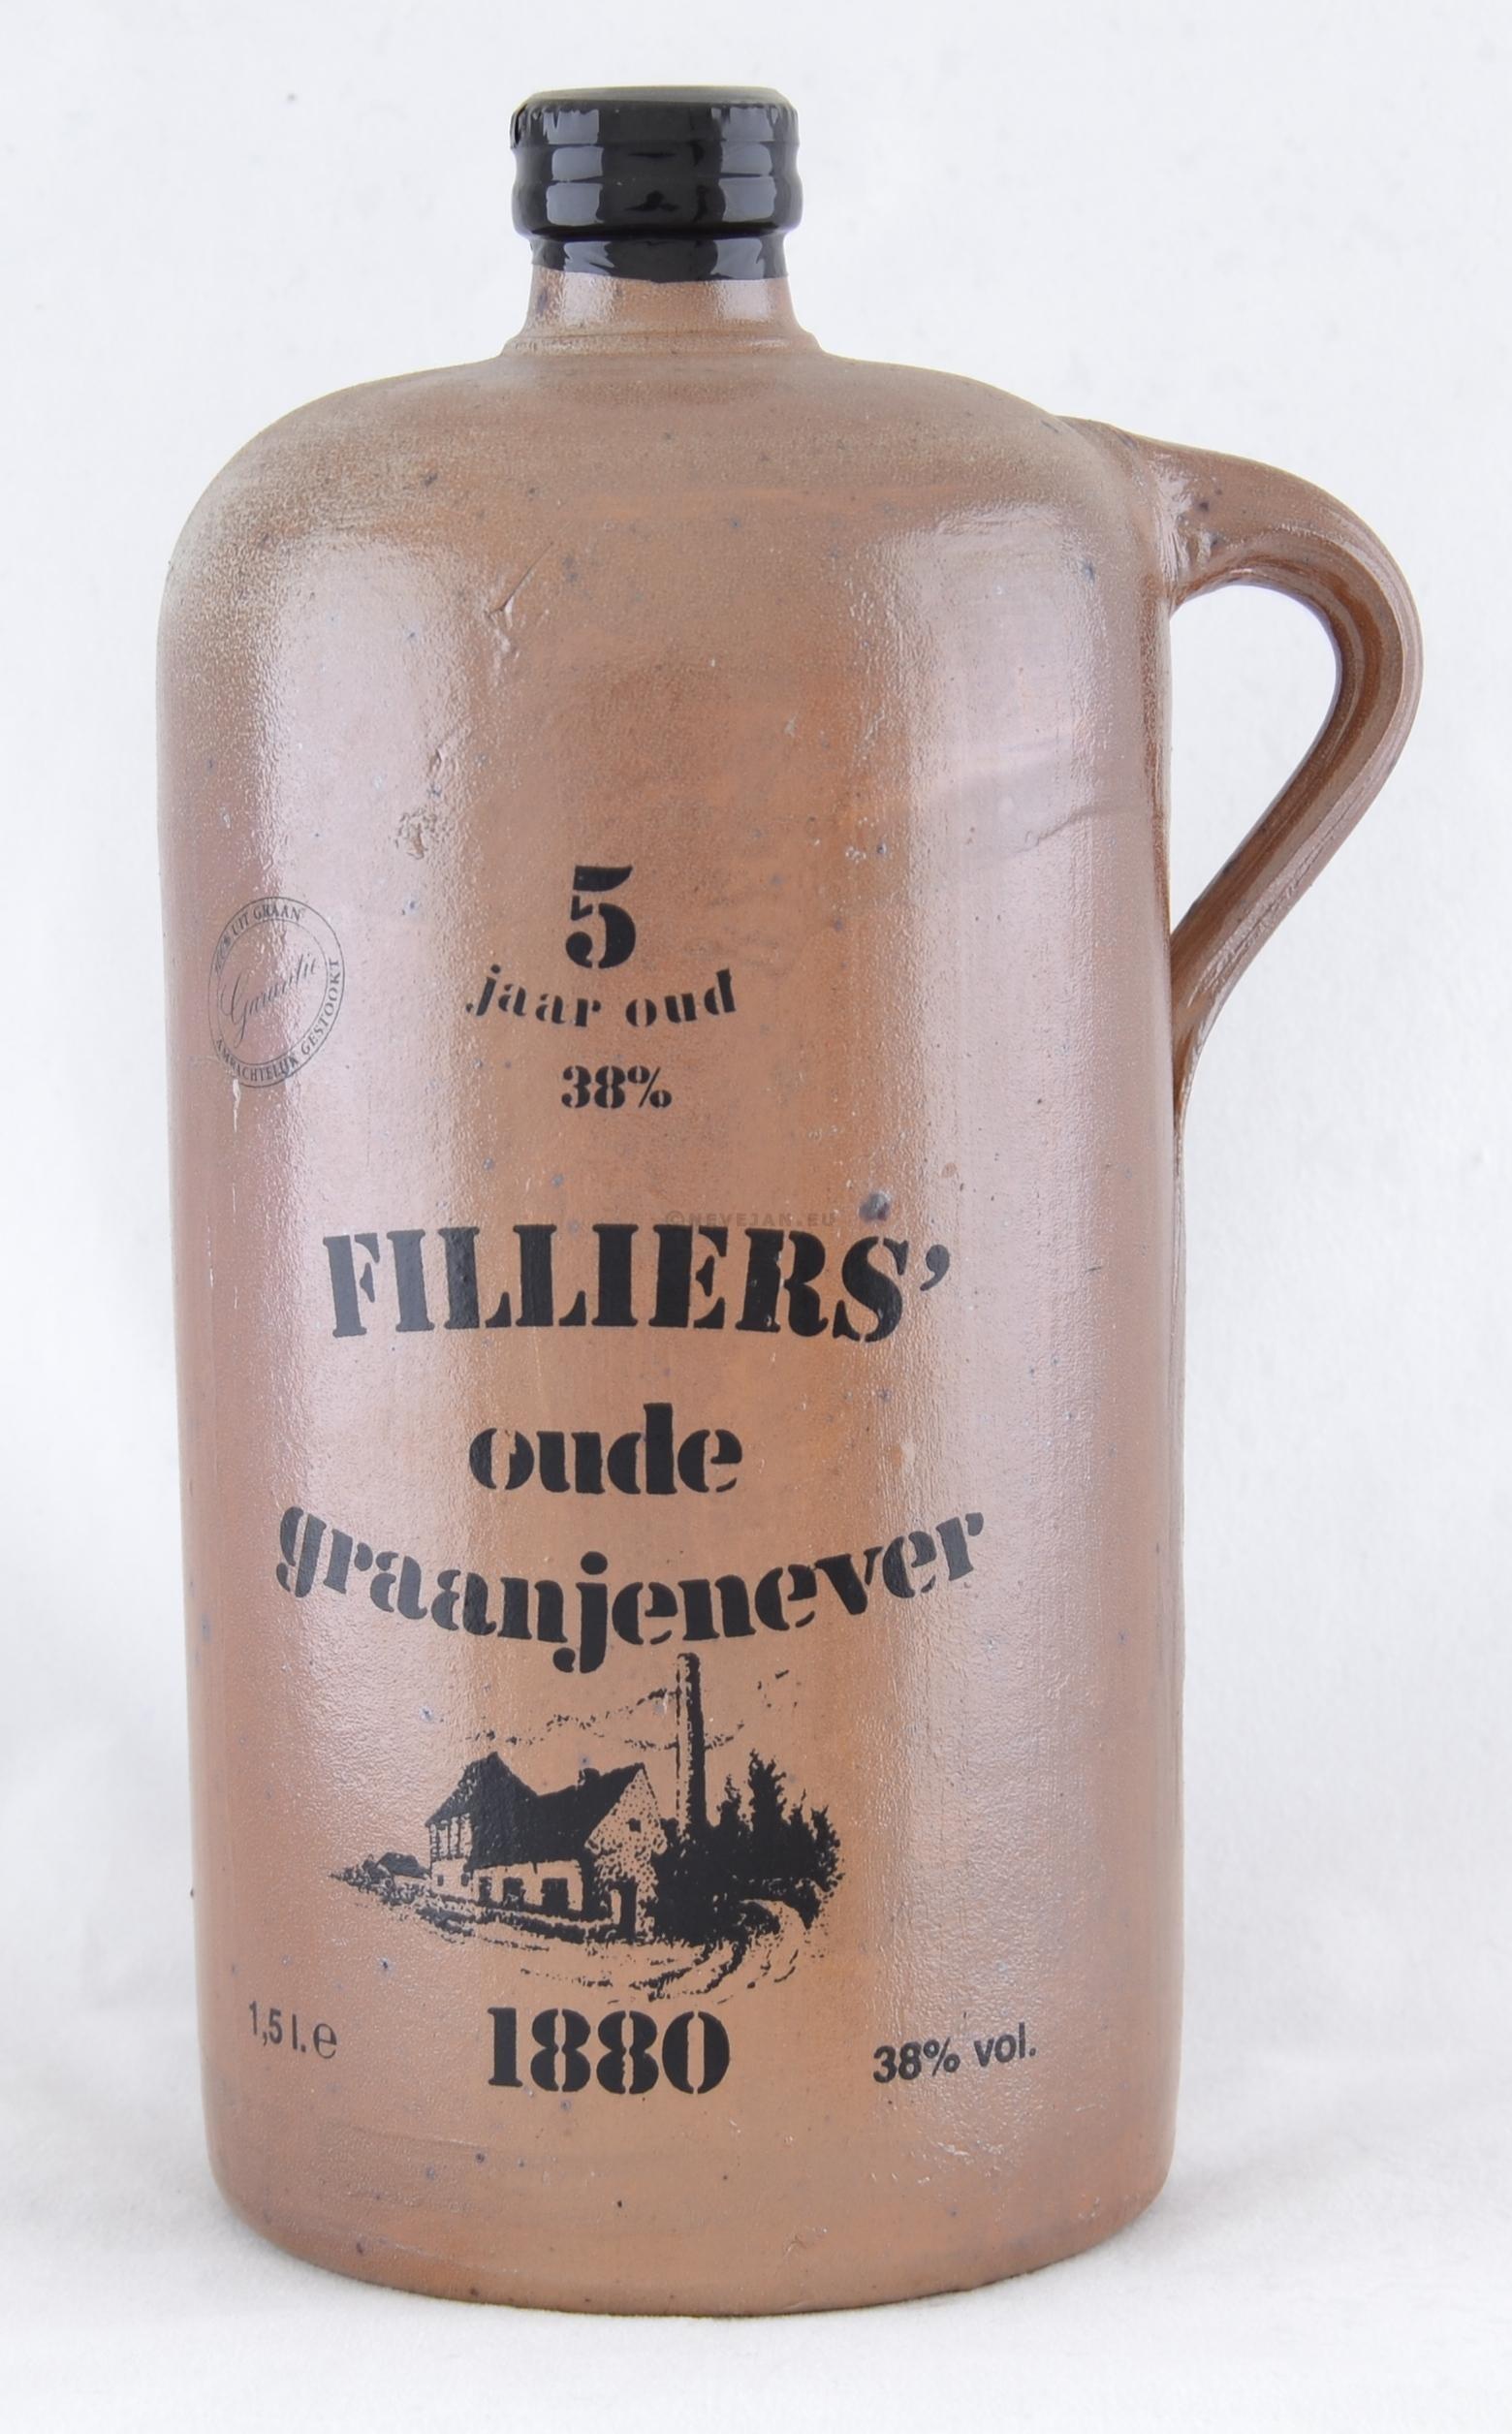 Vieux genièvre de grain Filliers 1.5L 38% 5 an d'age Cruchon